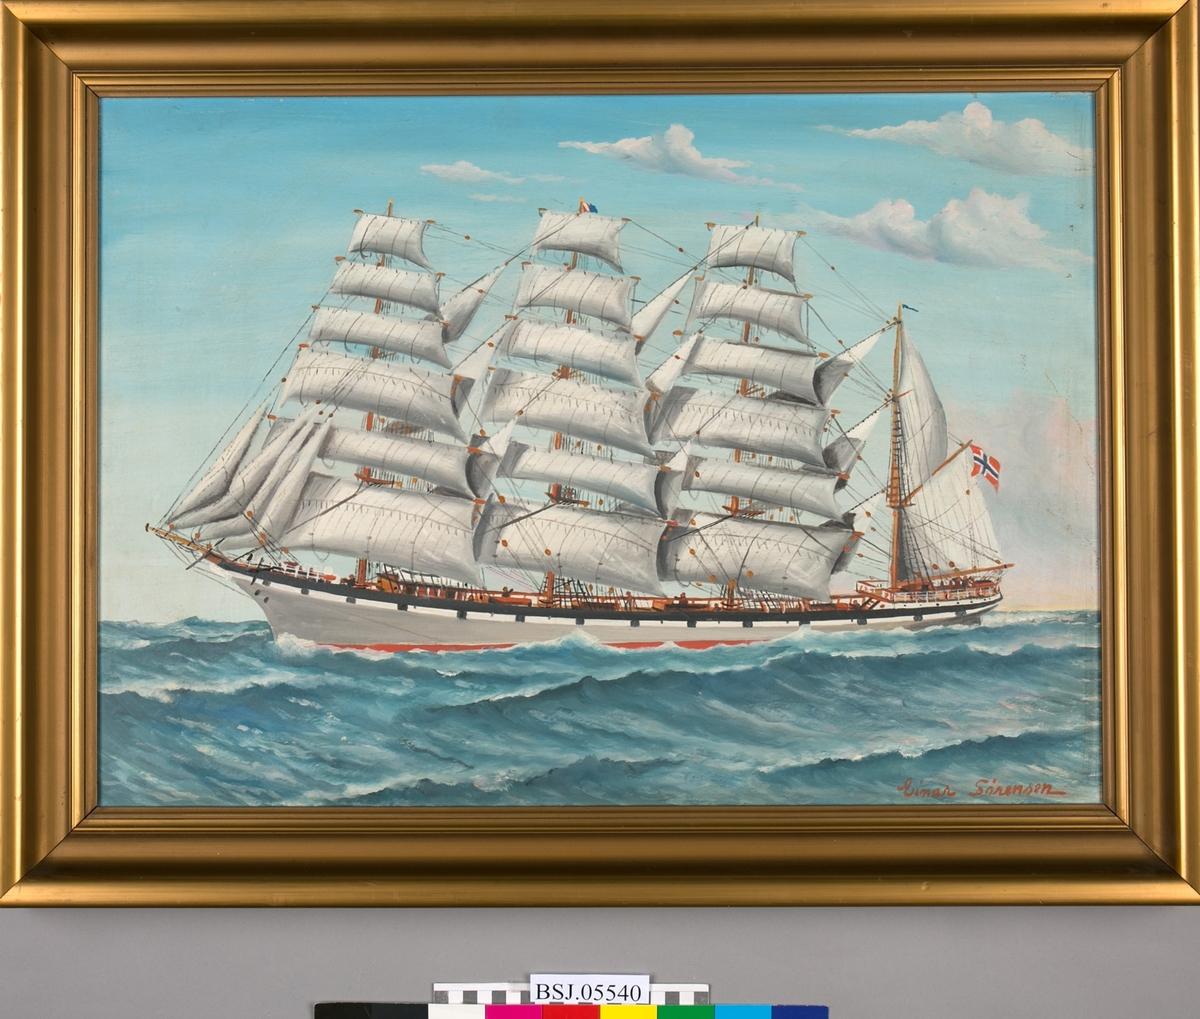 Skipsportrett av ukjent fullrigger med full seilføring. Lite detaljer. Norsk flagg i akter.